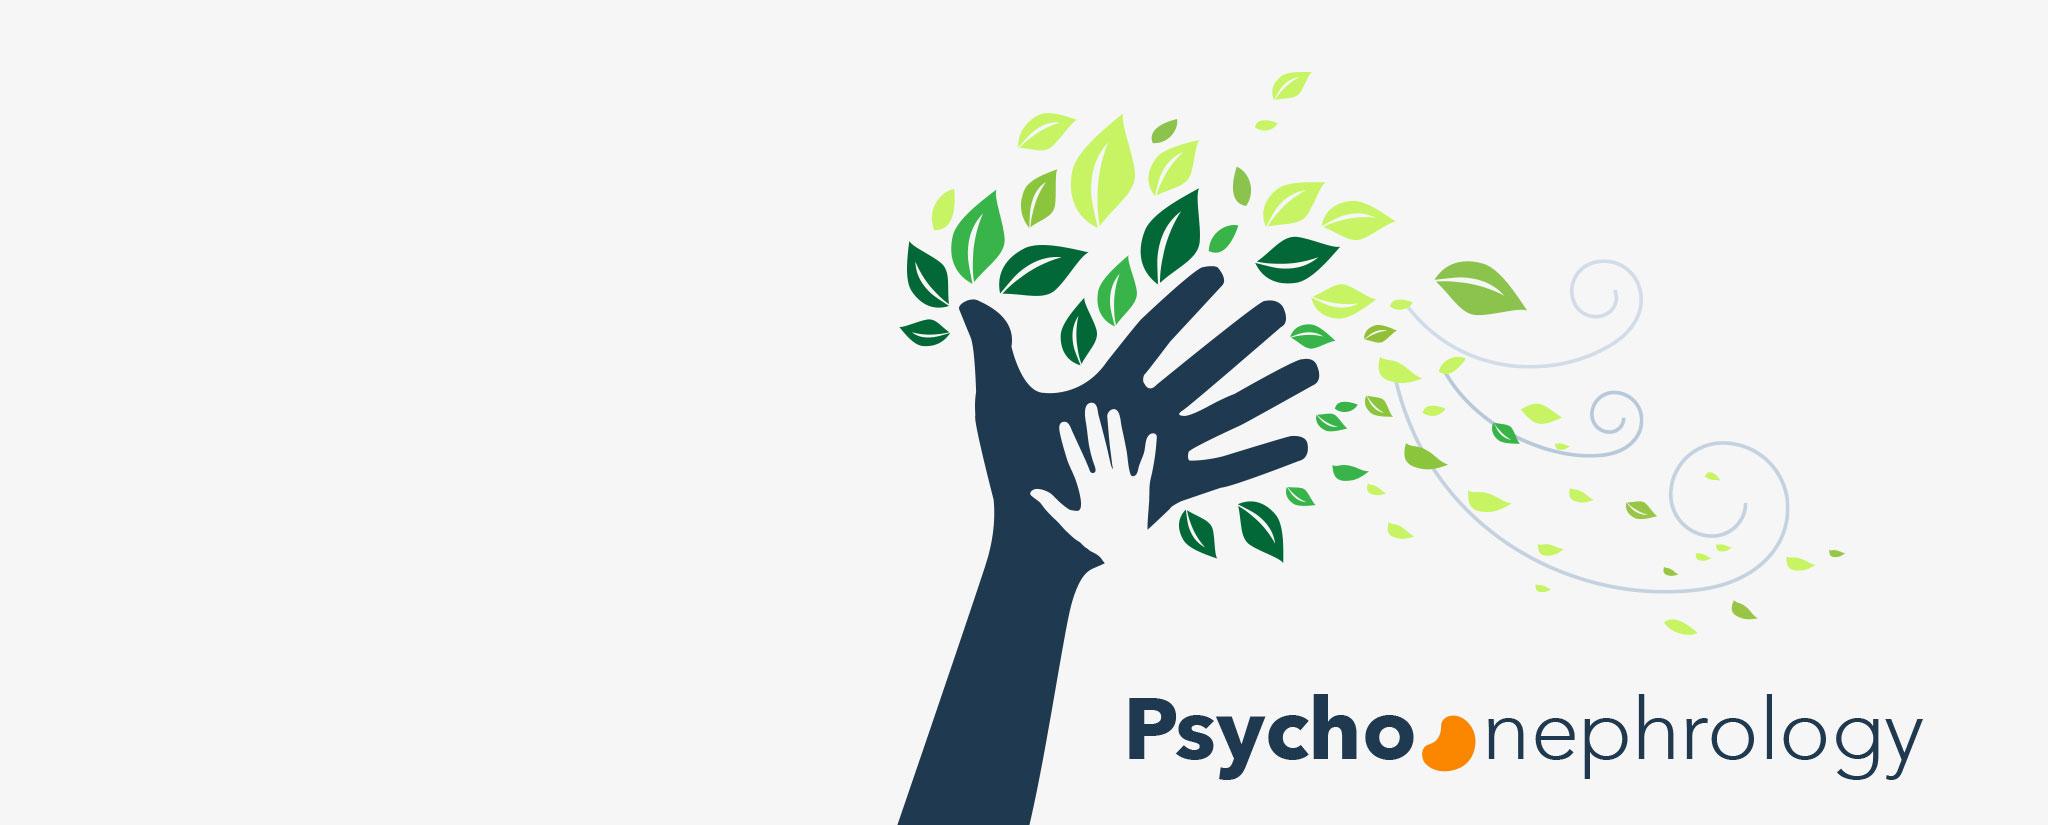 psychonephrology-kidney-nephrology